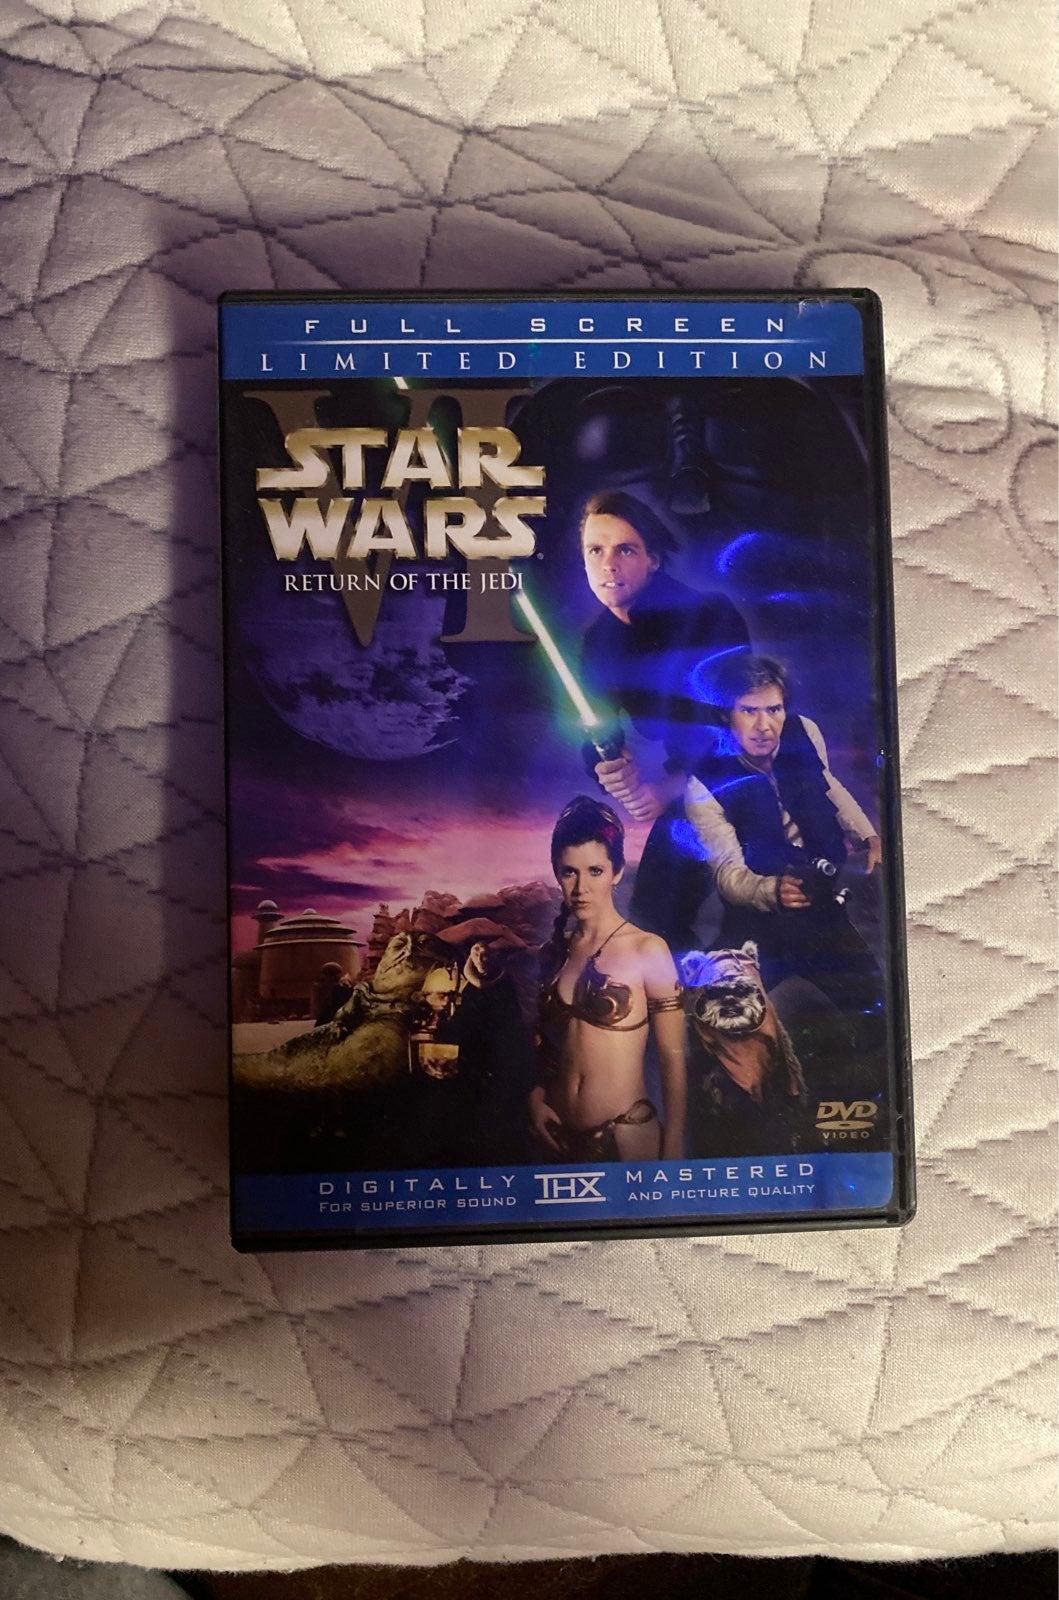 Star Wars Return of the Jedi Limited Edi